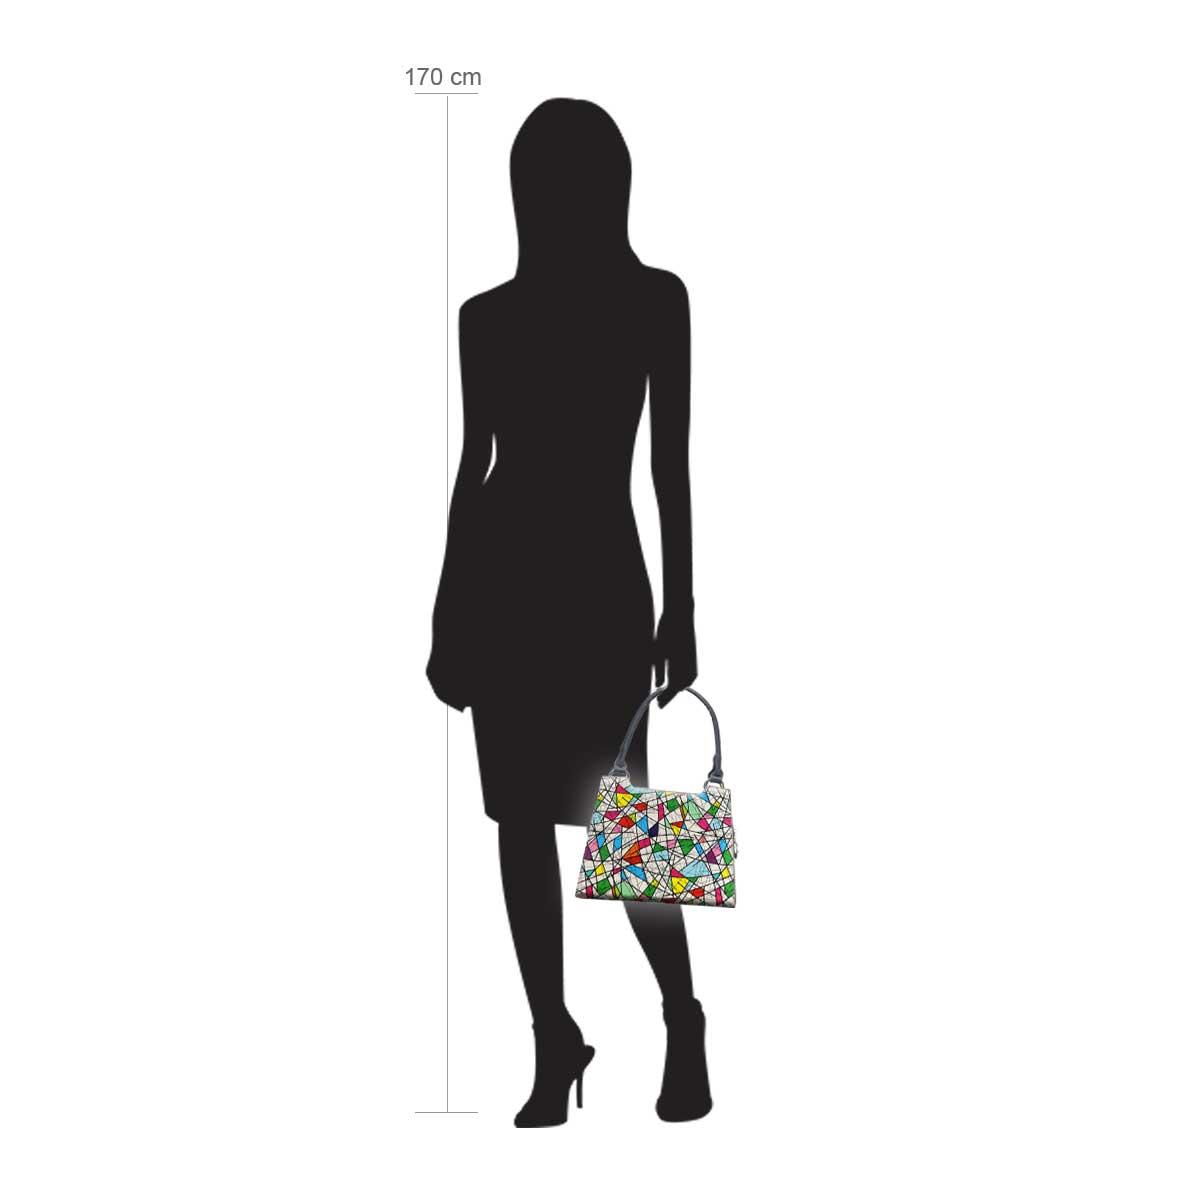 Modellpuppe 170 cm groß zeigt die Handtaschengröße an der Person Modell:Barcelona